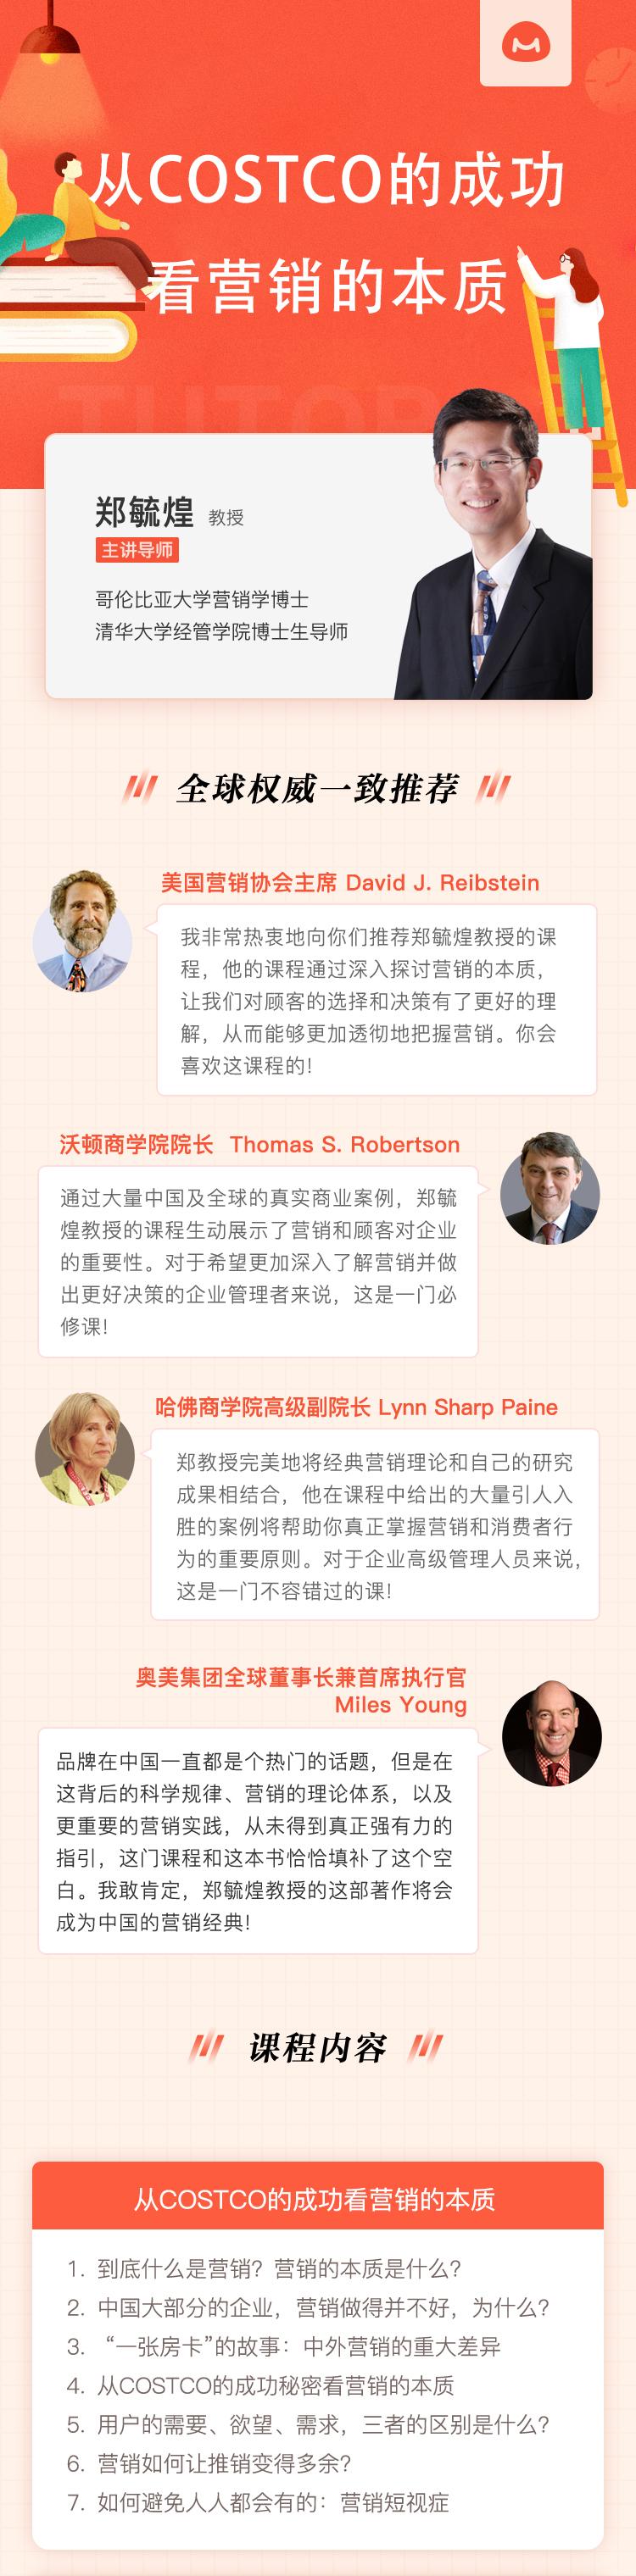 http://mtedu-img.oss-cn-beijing-internal.aliyuncs.com/ueditor/20190827220157_102758.jpg